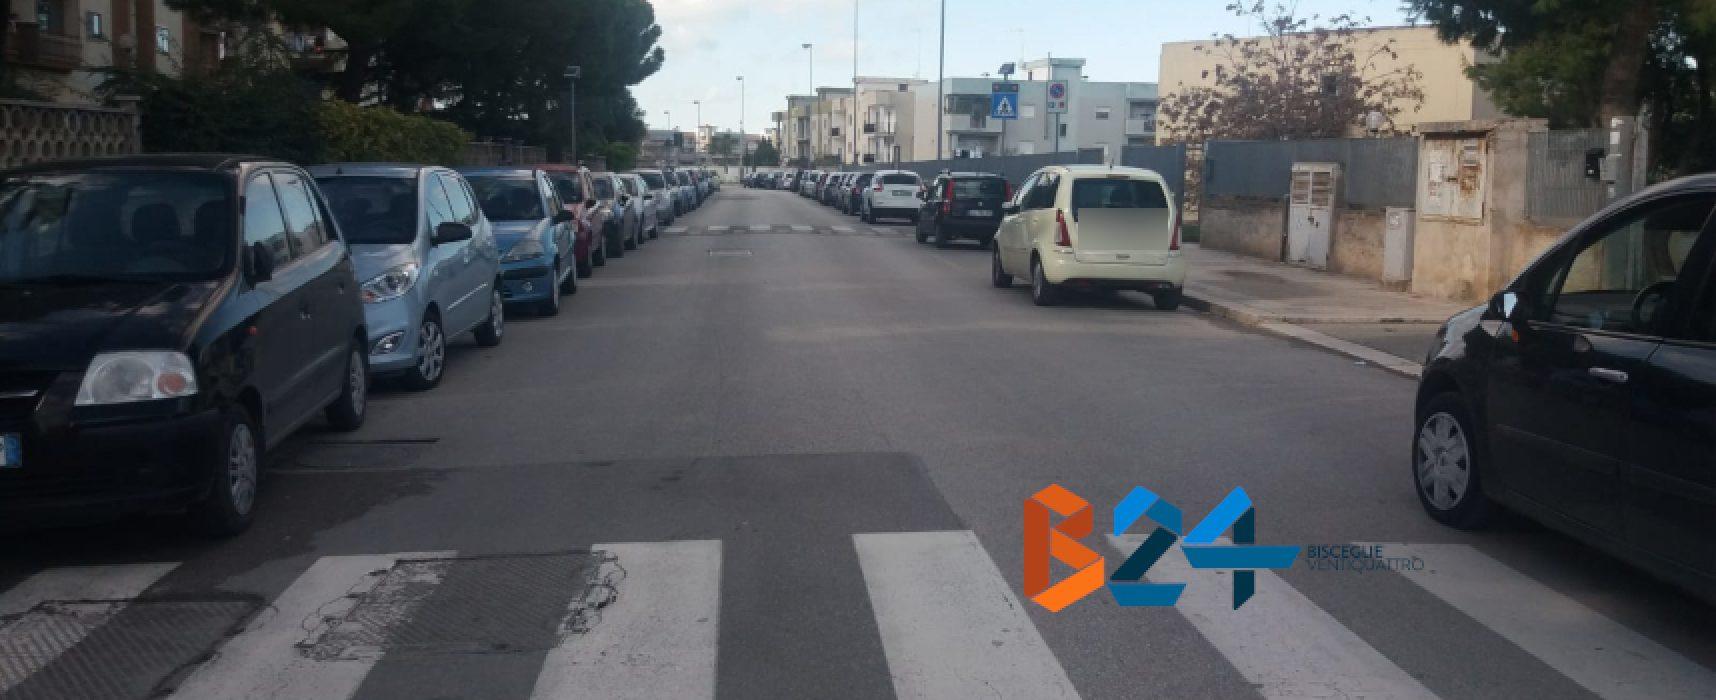 Carrara Reddito, divieto di transito e sosta per tre giorni per nuovo impianto di gas